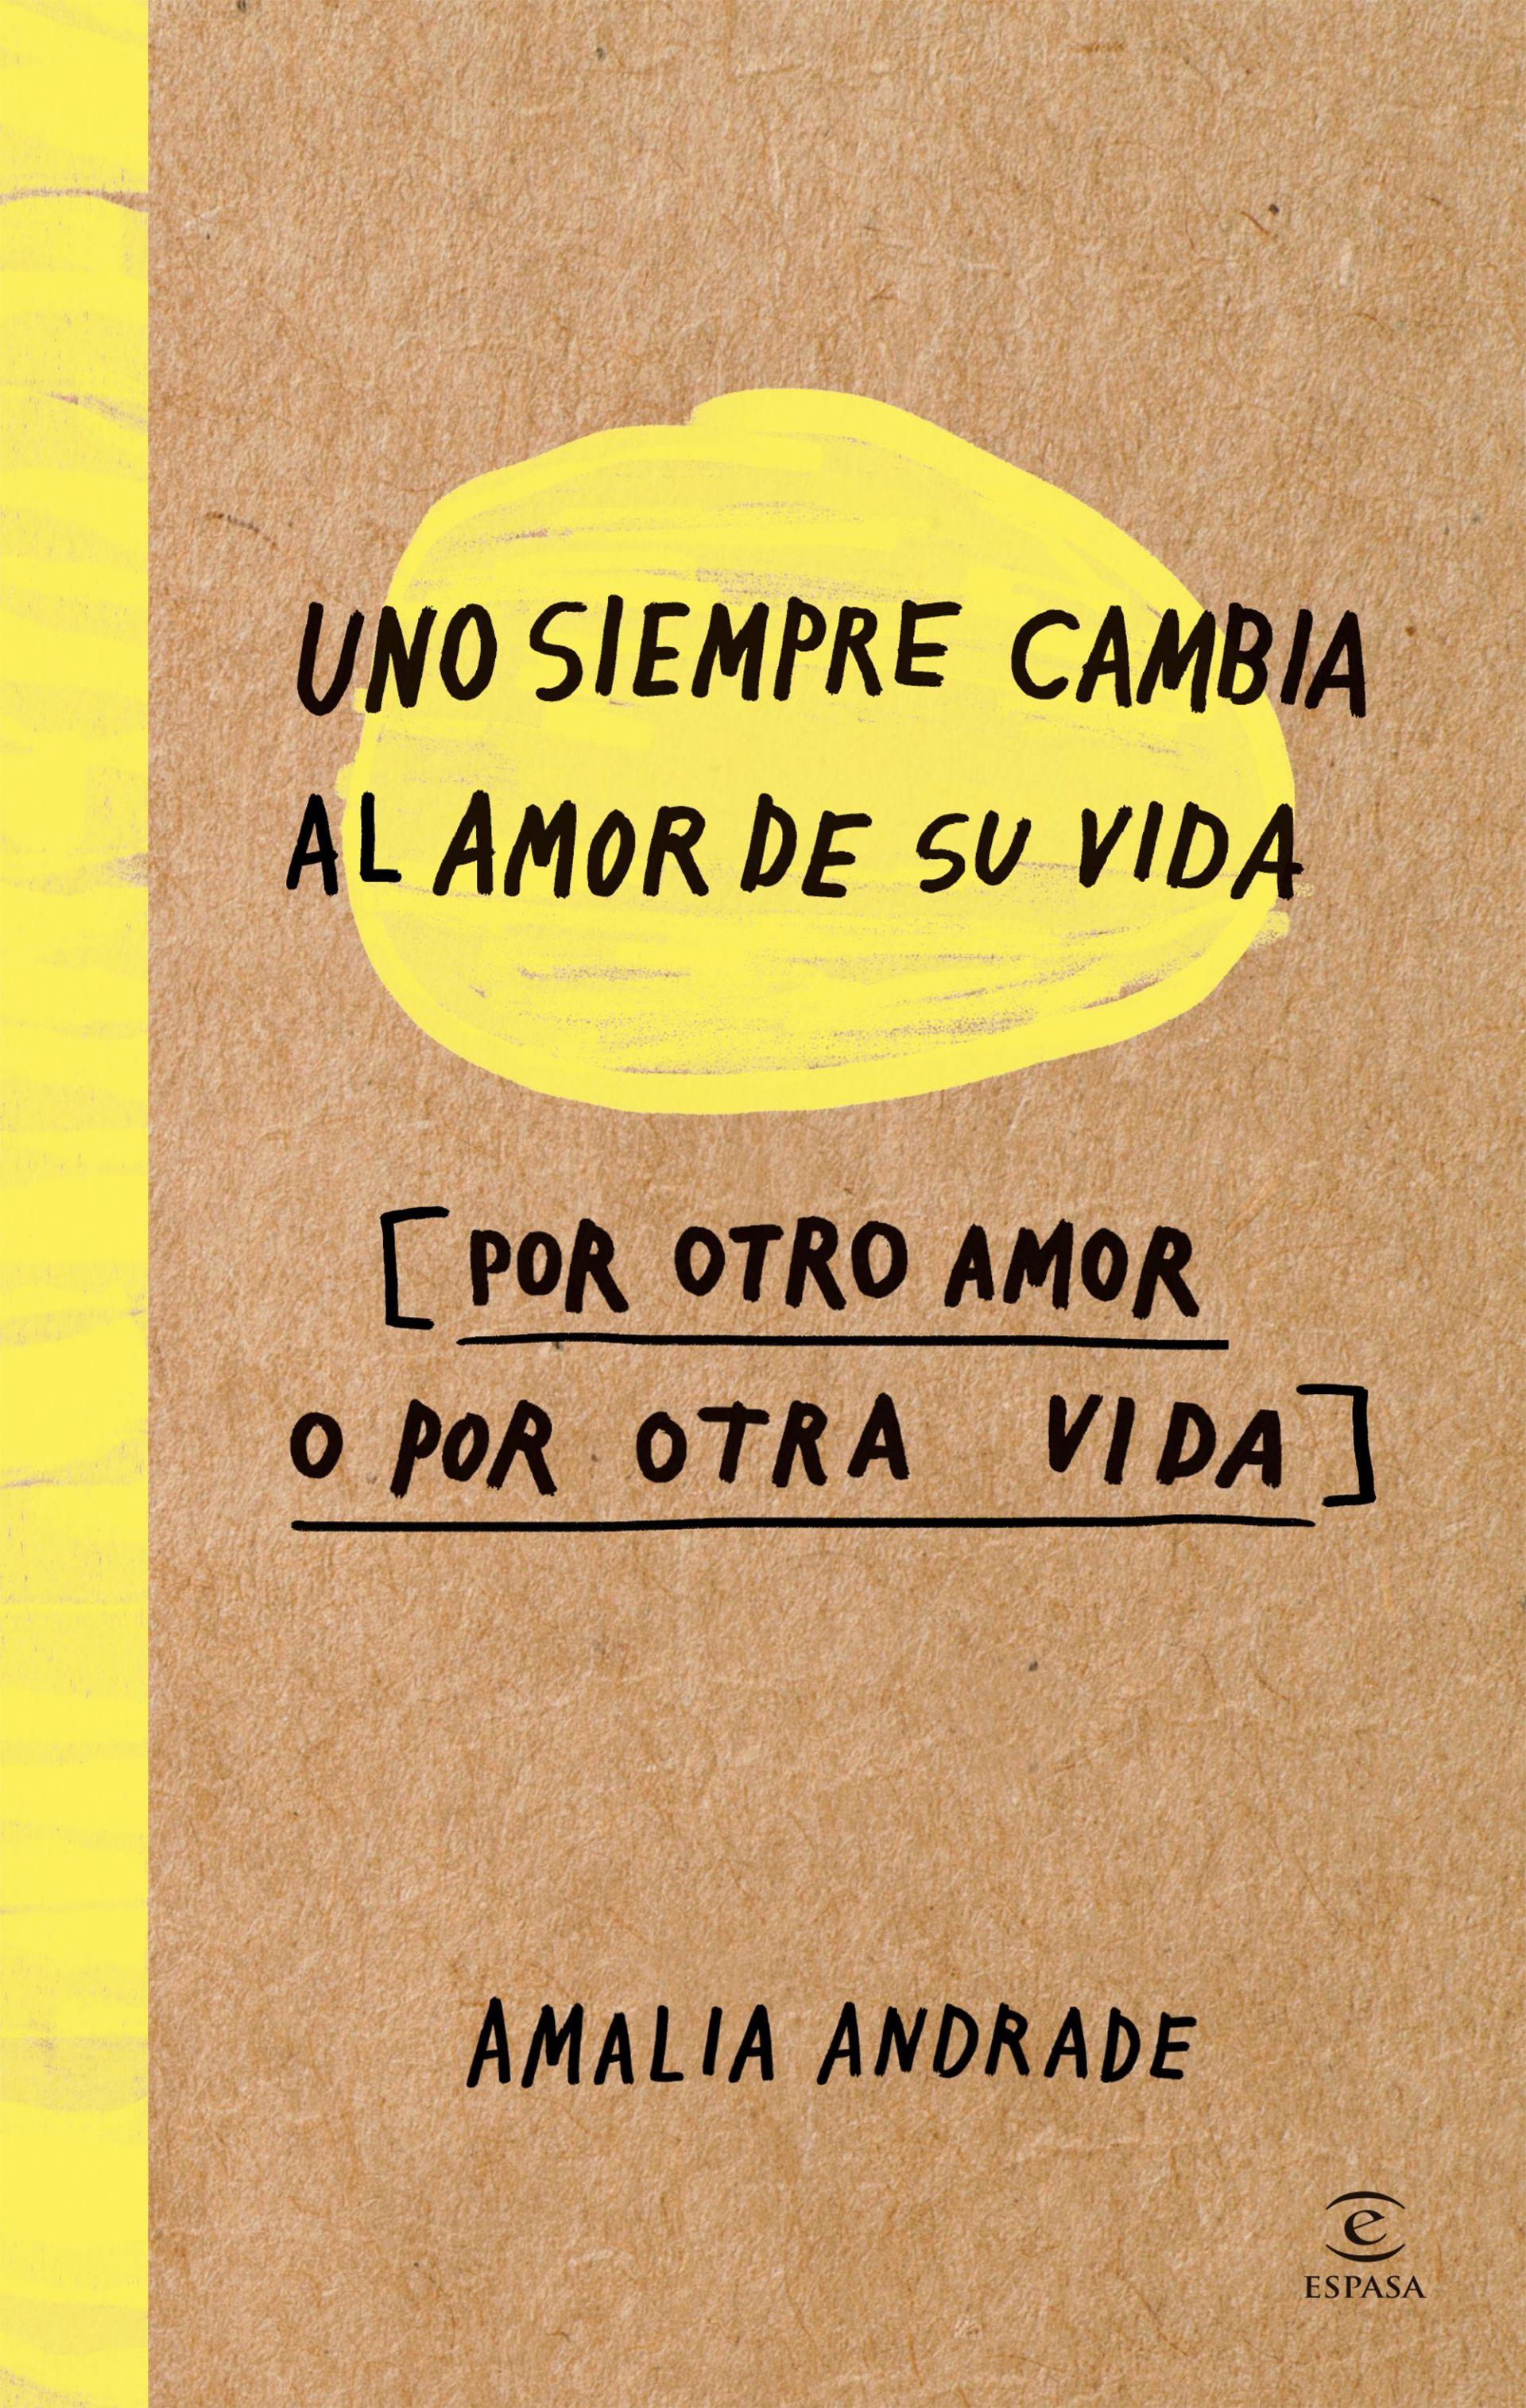 Uno siempre cambia al amor de su vida (por otro amor o por otra vida)